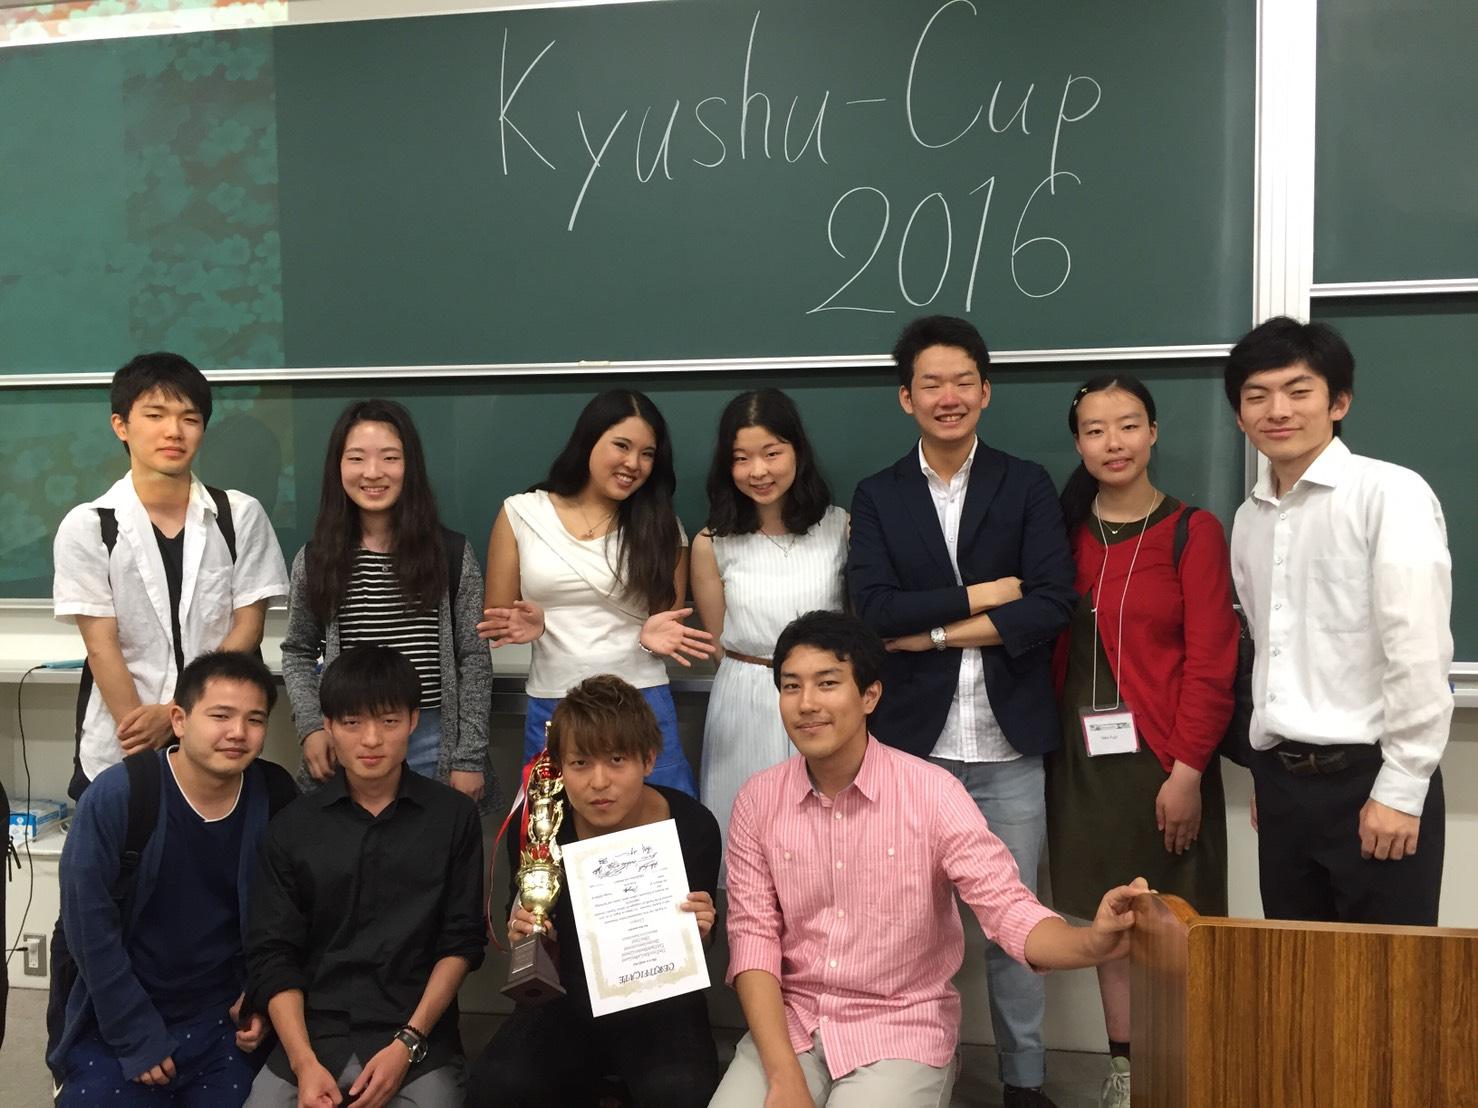 Kyushu 2016